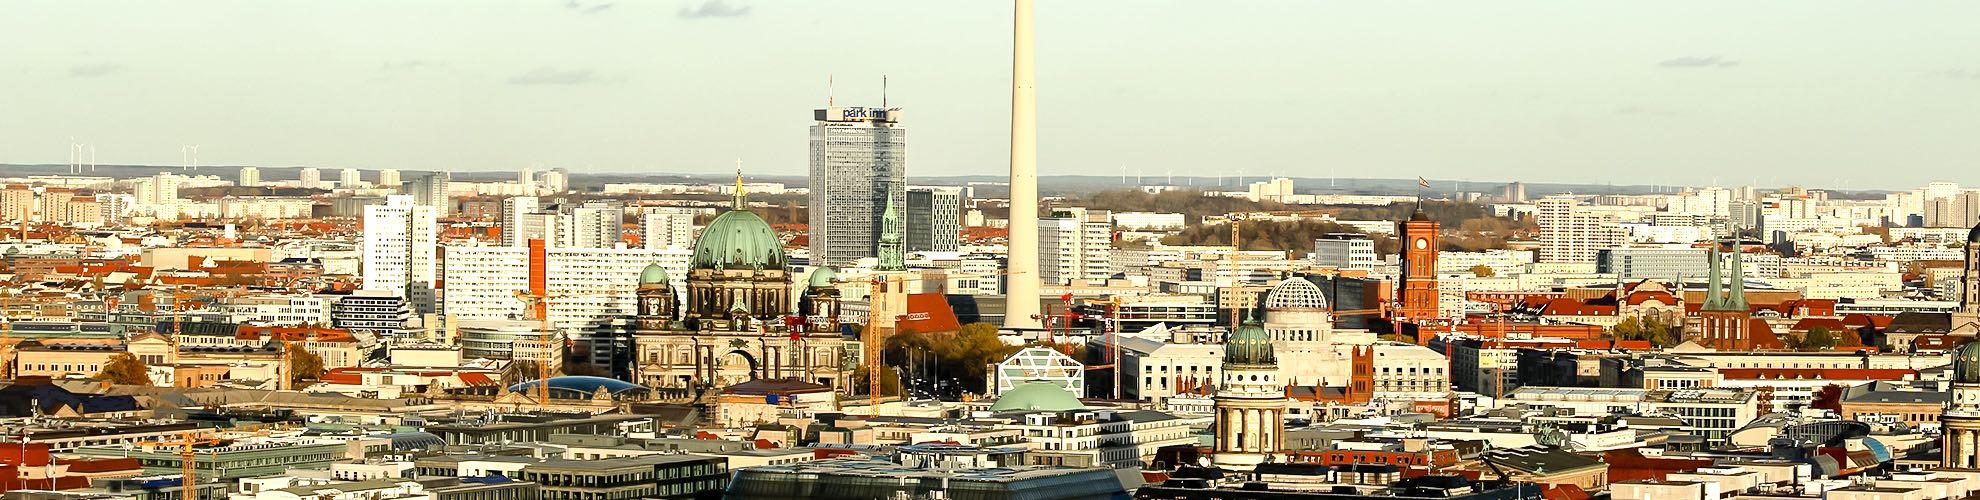 offline térkép Berlin offline térkép   Miet térkép berlin (Németország) offline térkép